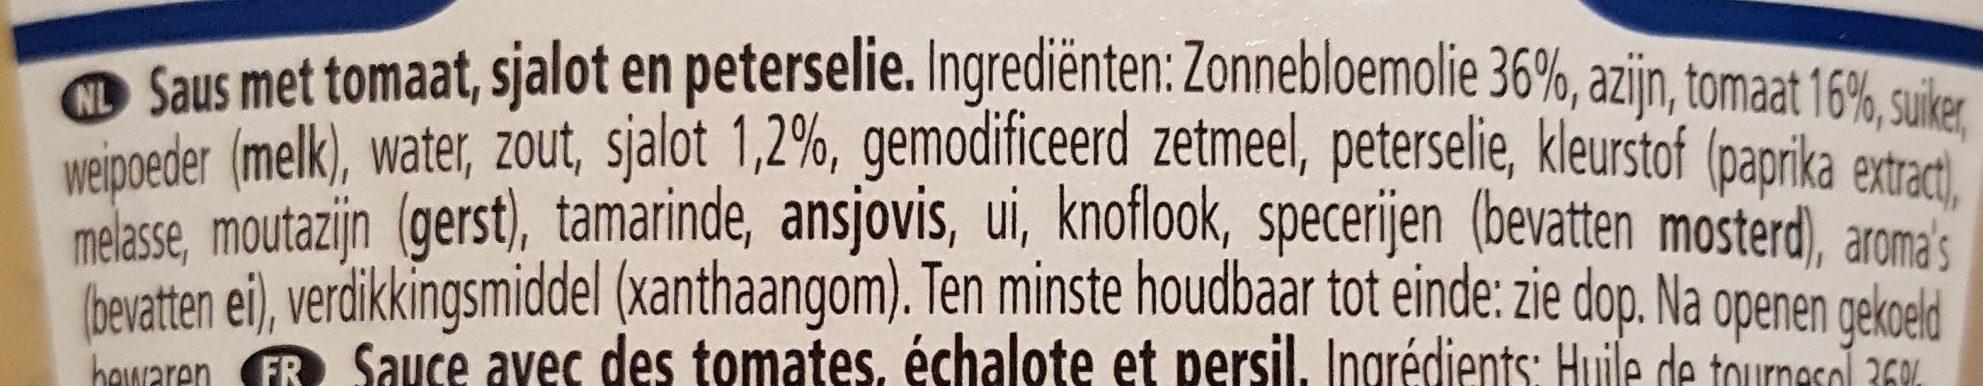 American sauce - Ingrediënten